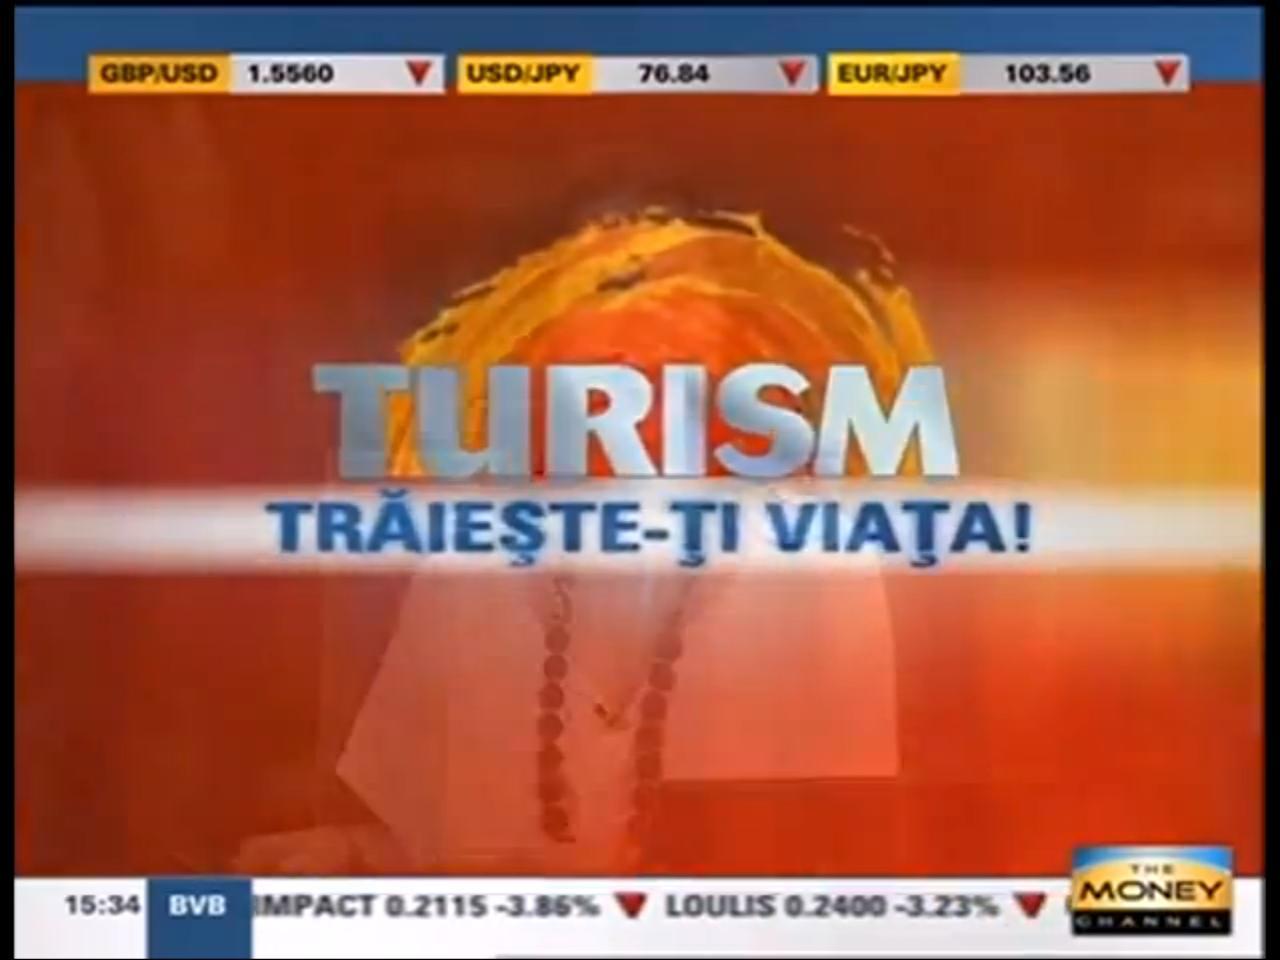 Înregistrare emisiunea de turism Trăieşte-ţi viaţa – ediţia 6, 11 noiembrie 2011